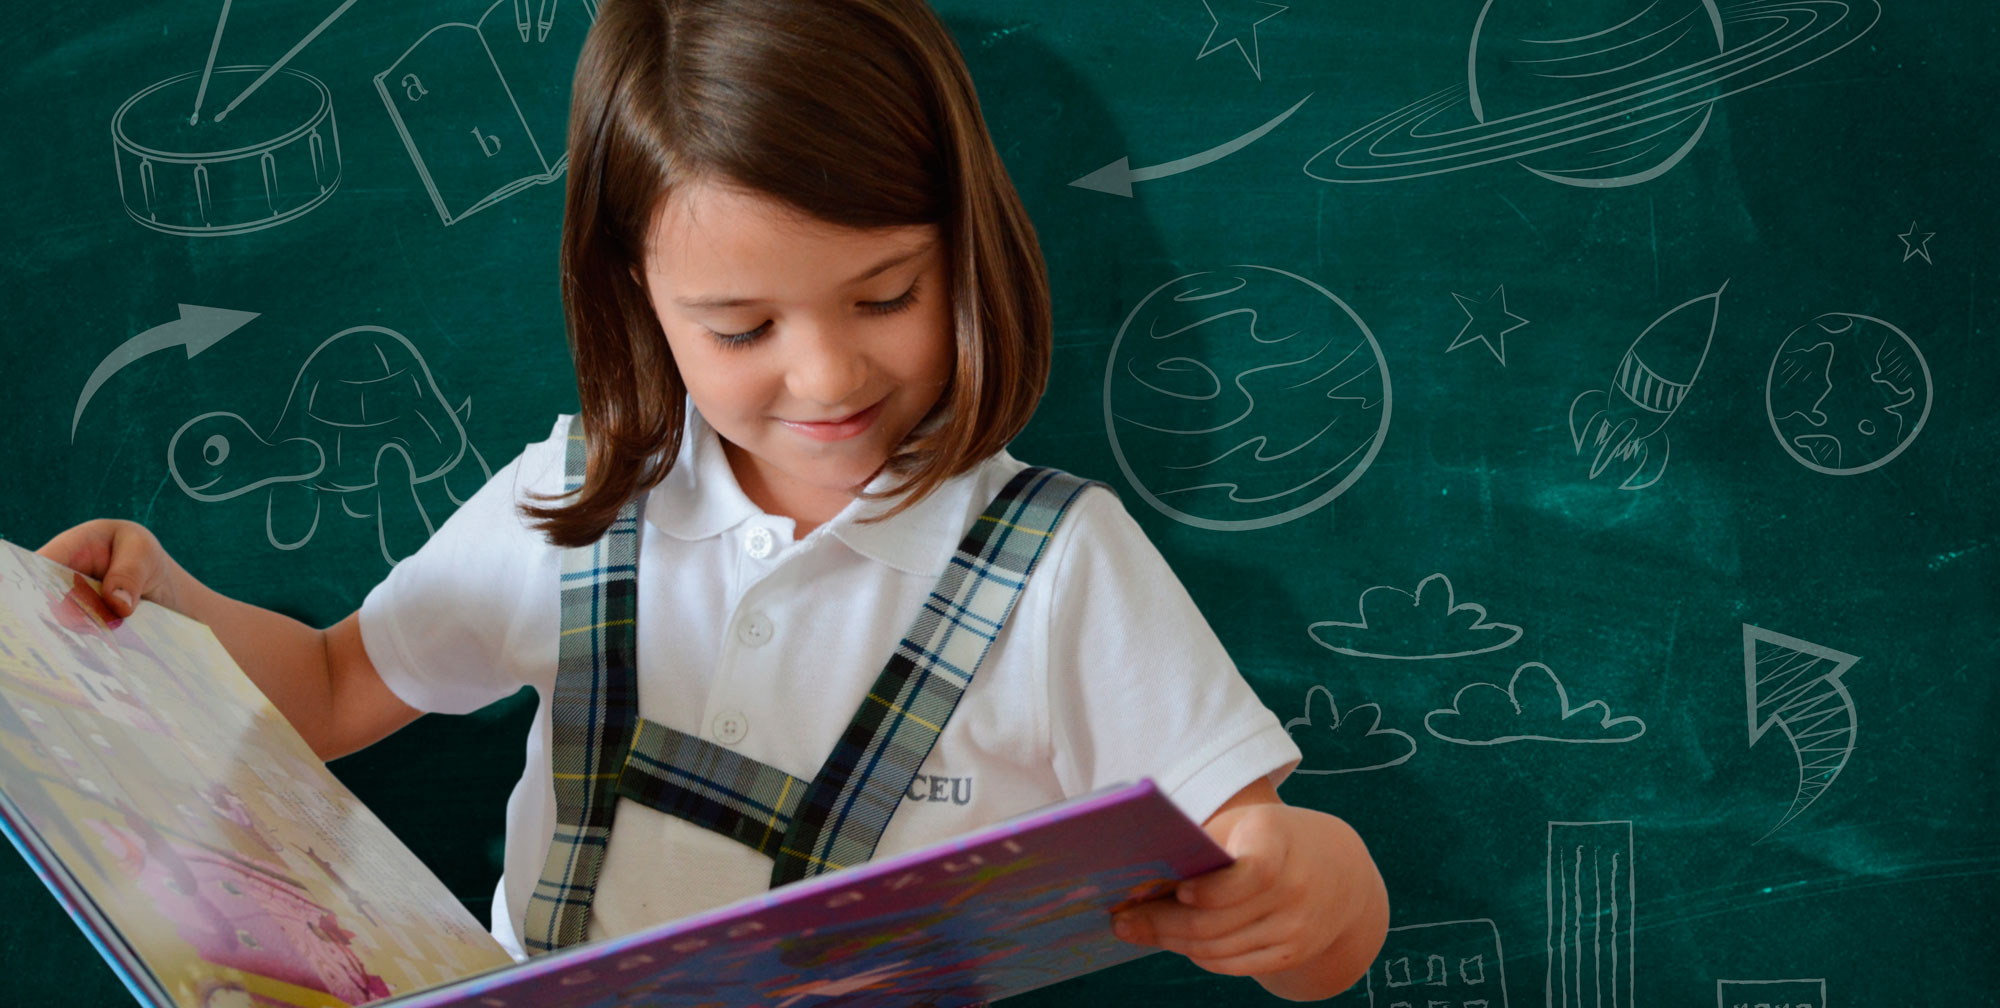 Lo social en una educaci n que busca una am rica latina mejor for Educacion para poder